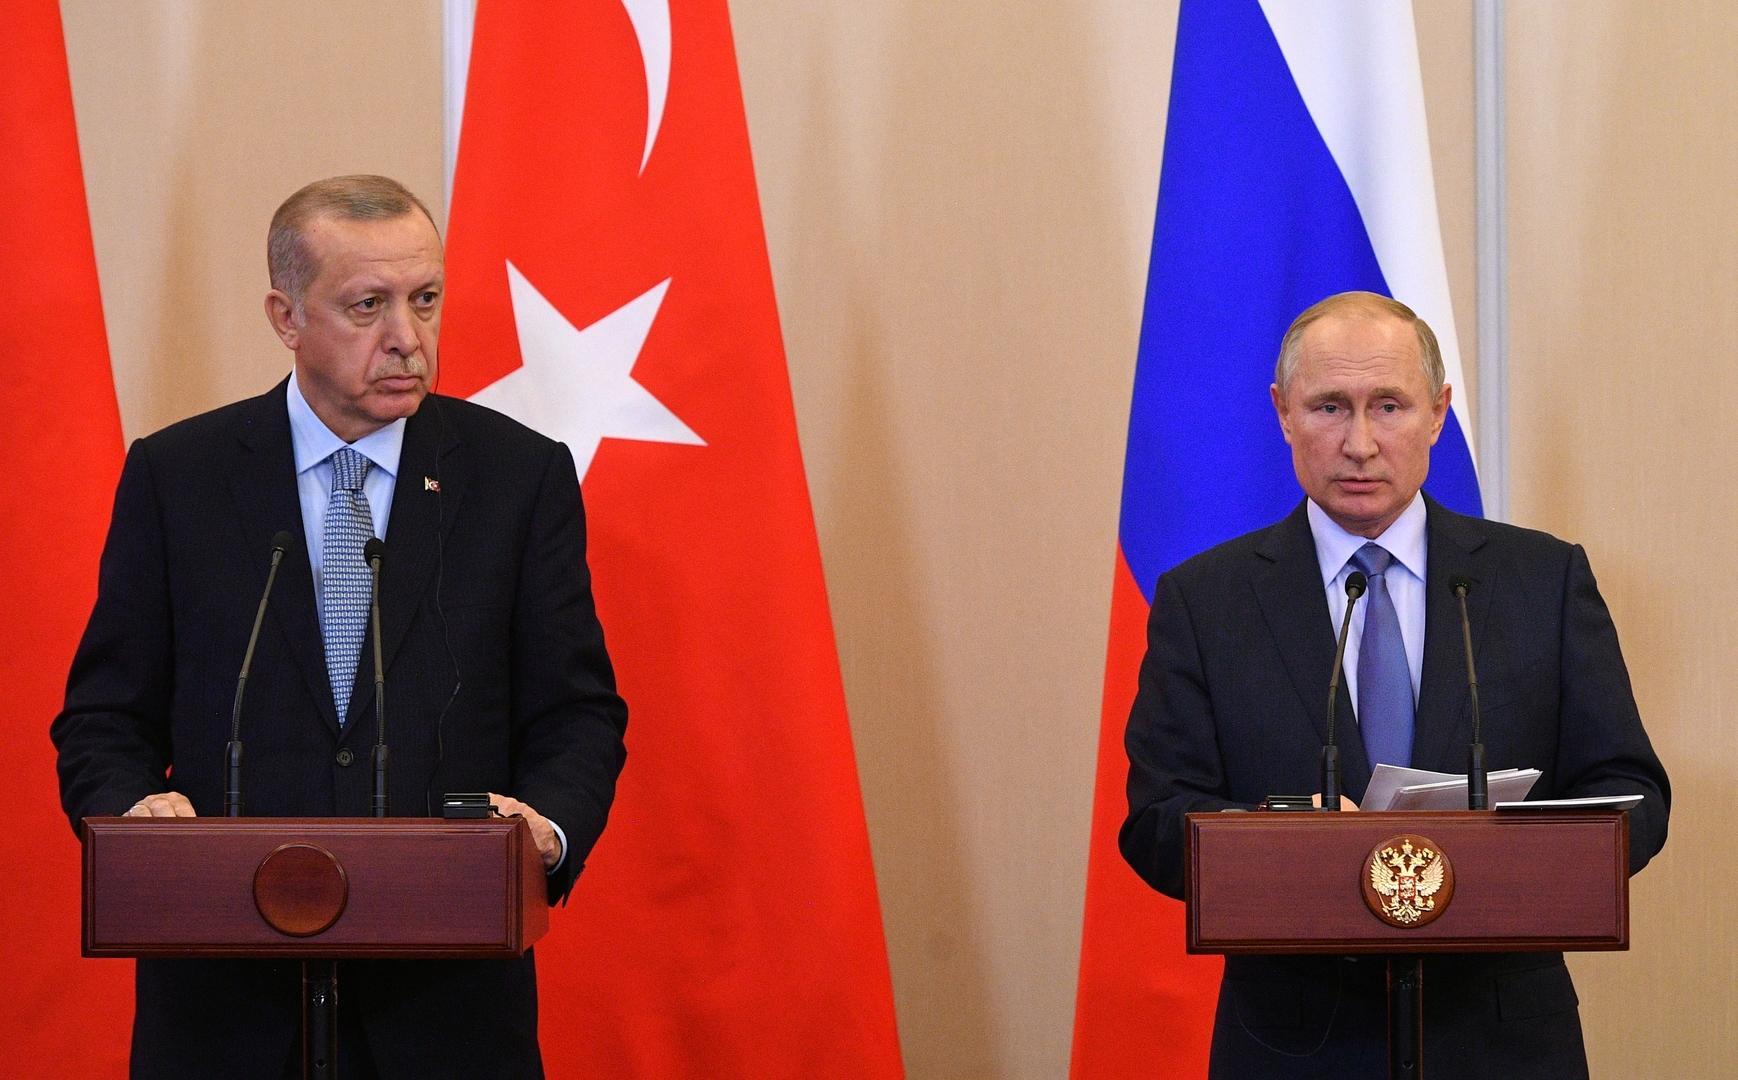 الرئيس الروسي، فلاديمير بوتين، ونظيره التركي، رجب طيب أردوغان، خلال مؤتمر صحفي في سوتشي يوم 22 أكتوبر 2019).